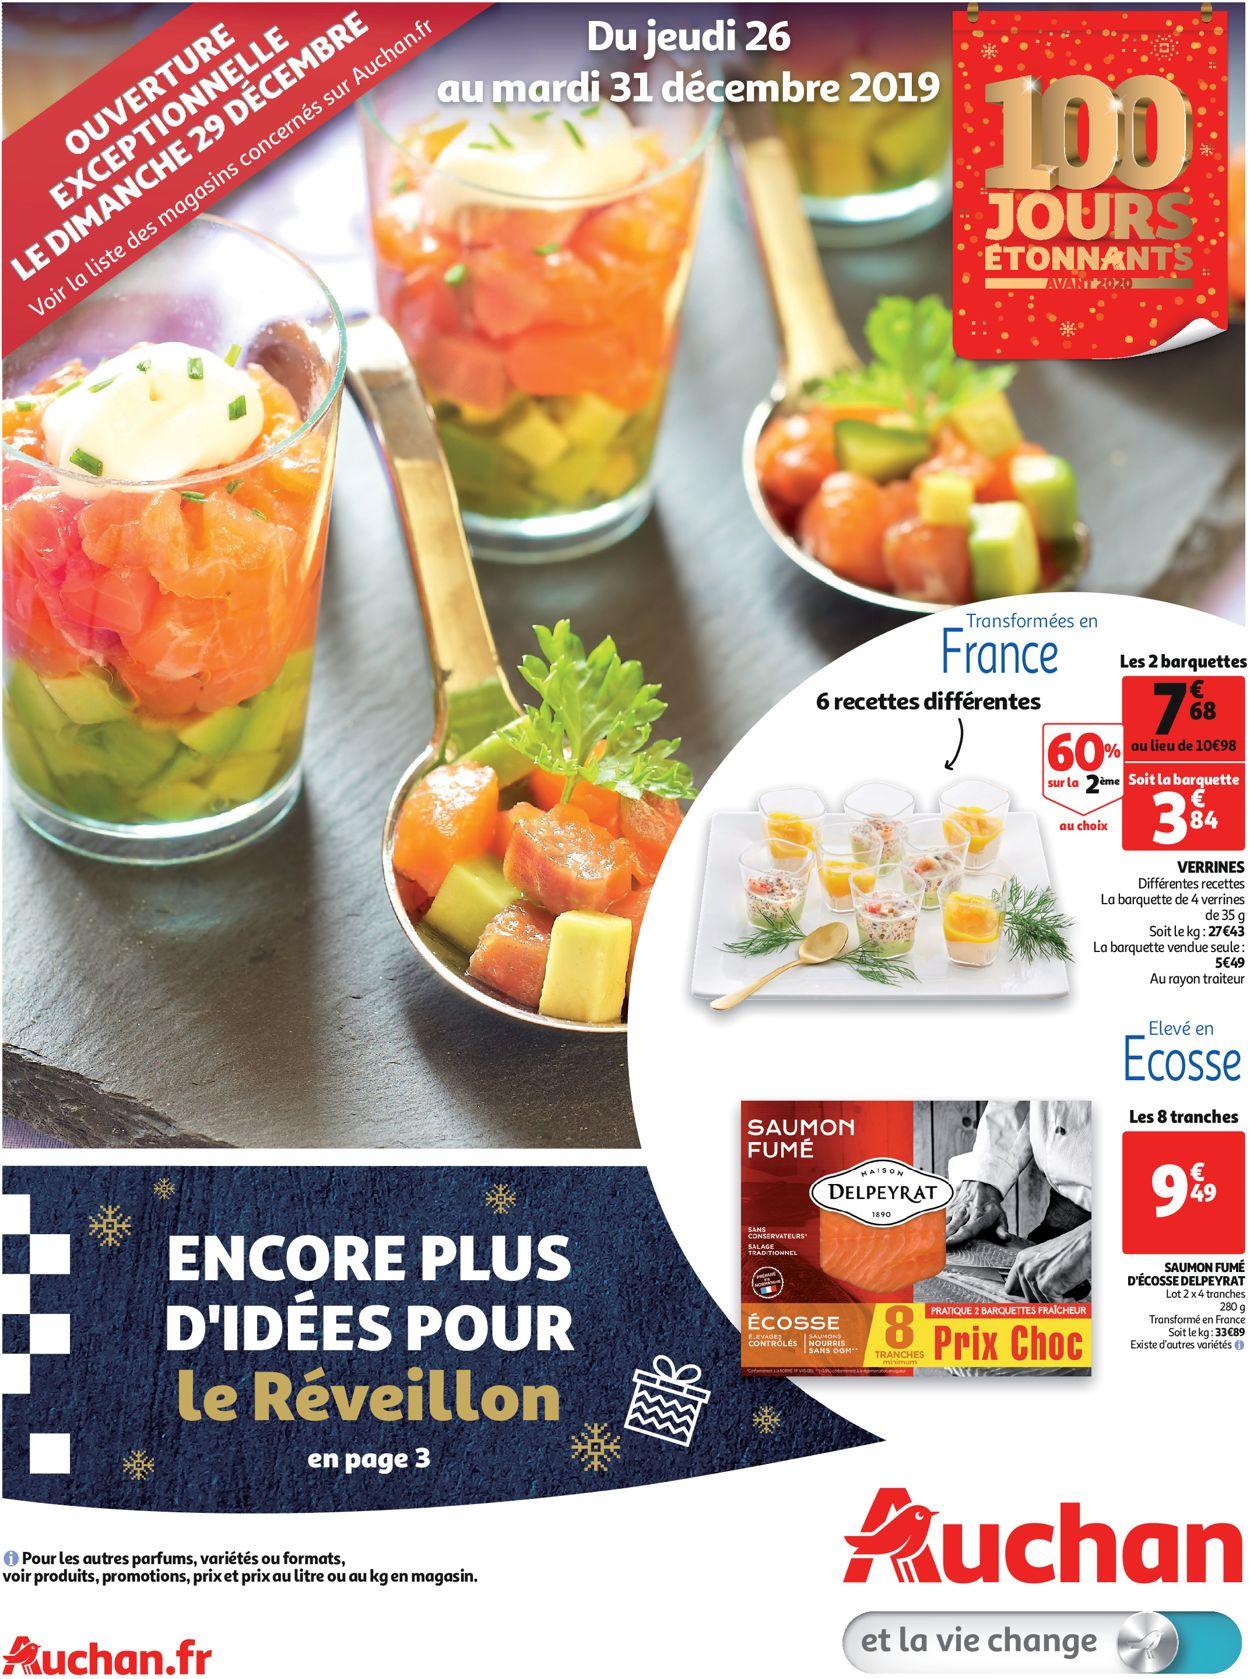 Auchan - Catalogue du Nouvel An Catalogue - 26.12-31.12.2019